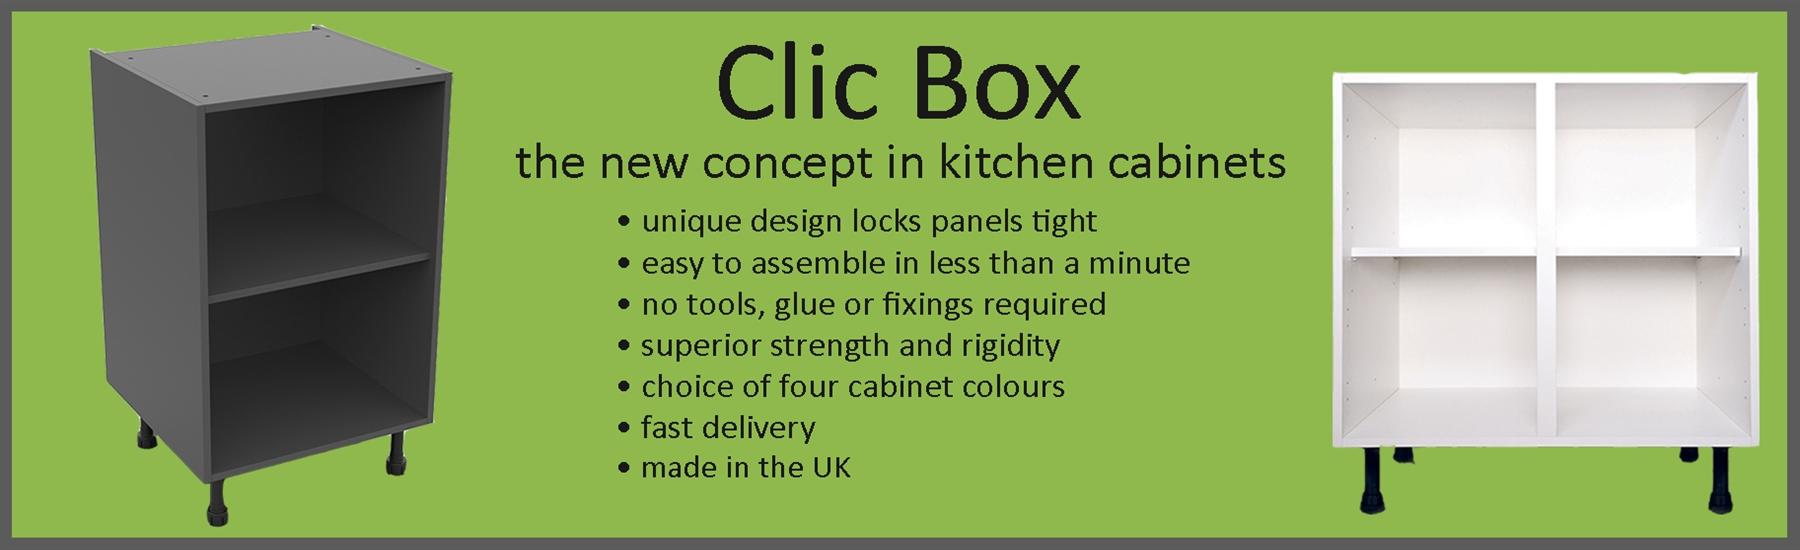 clic-box-header_copy